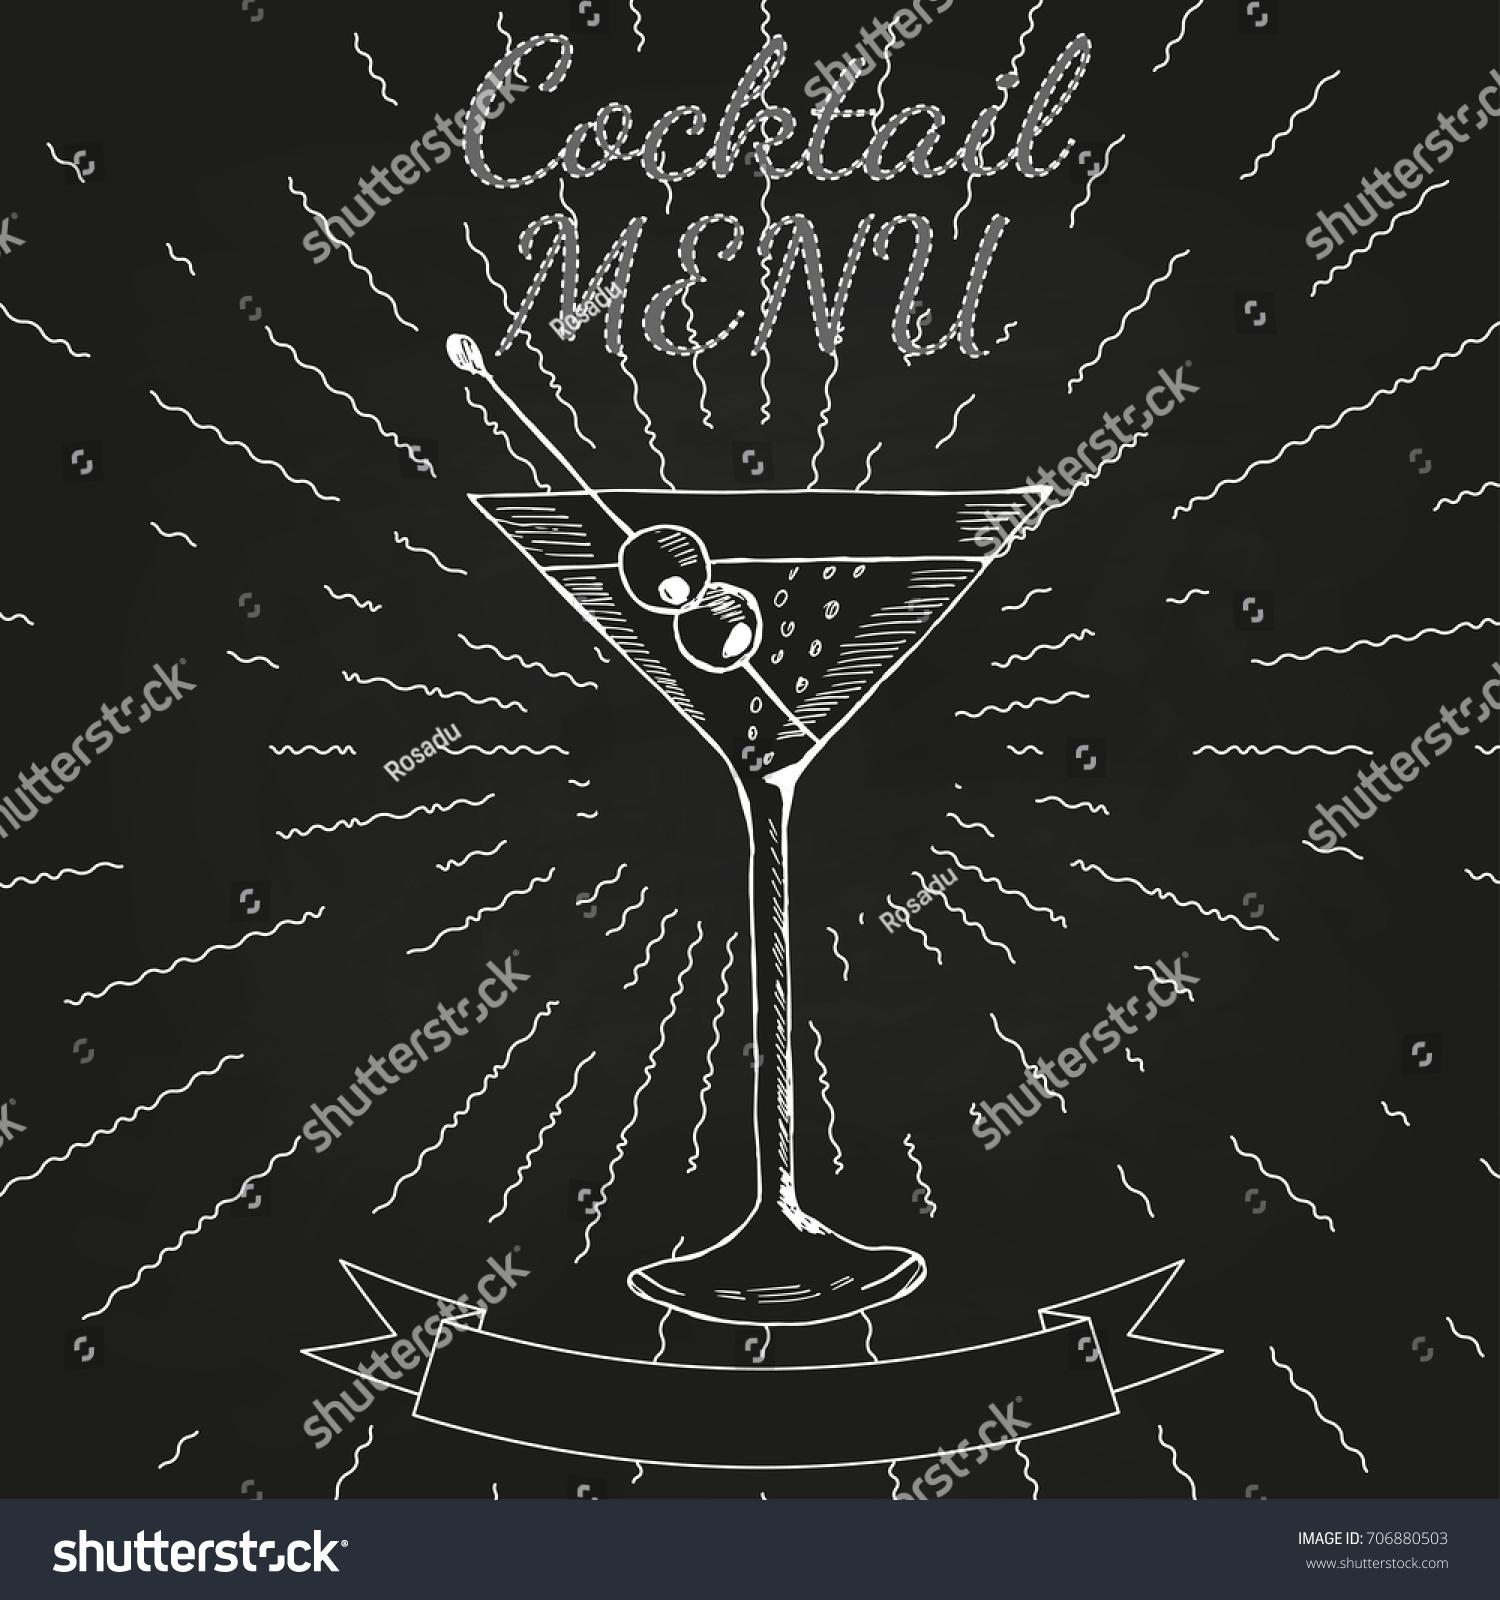 cocktails menu card vintage design template stock illustration